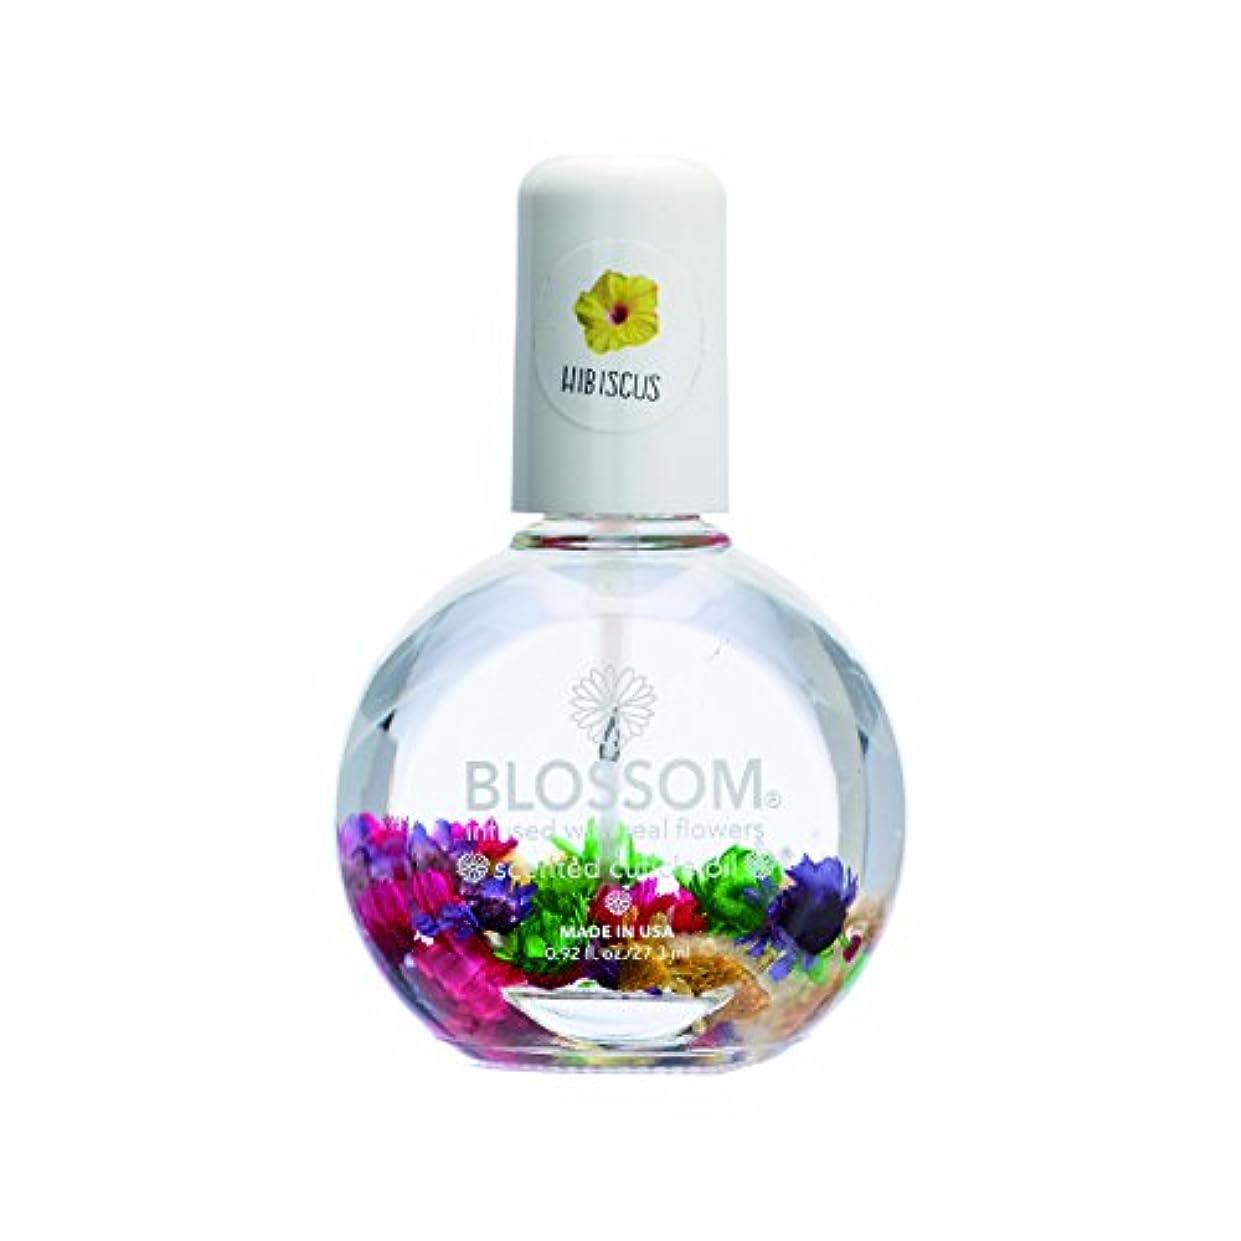 Blossom ネイルオイル フラワー 1OZ ハイビスカス WBLCO122-5